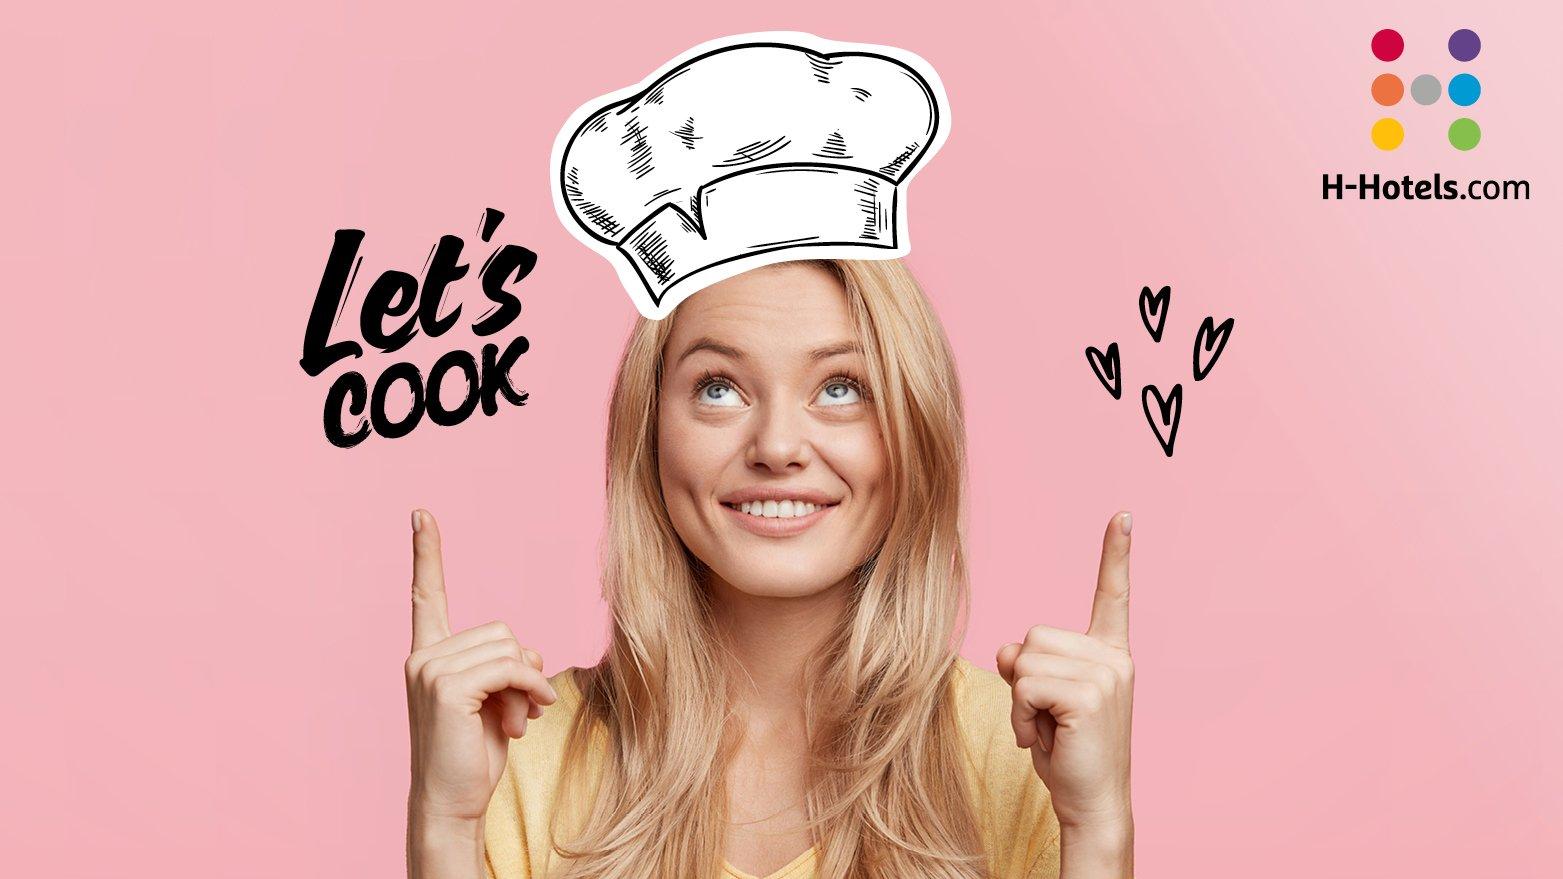 Ausbildung Küche - August 2020 (m/w/d)